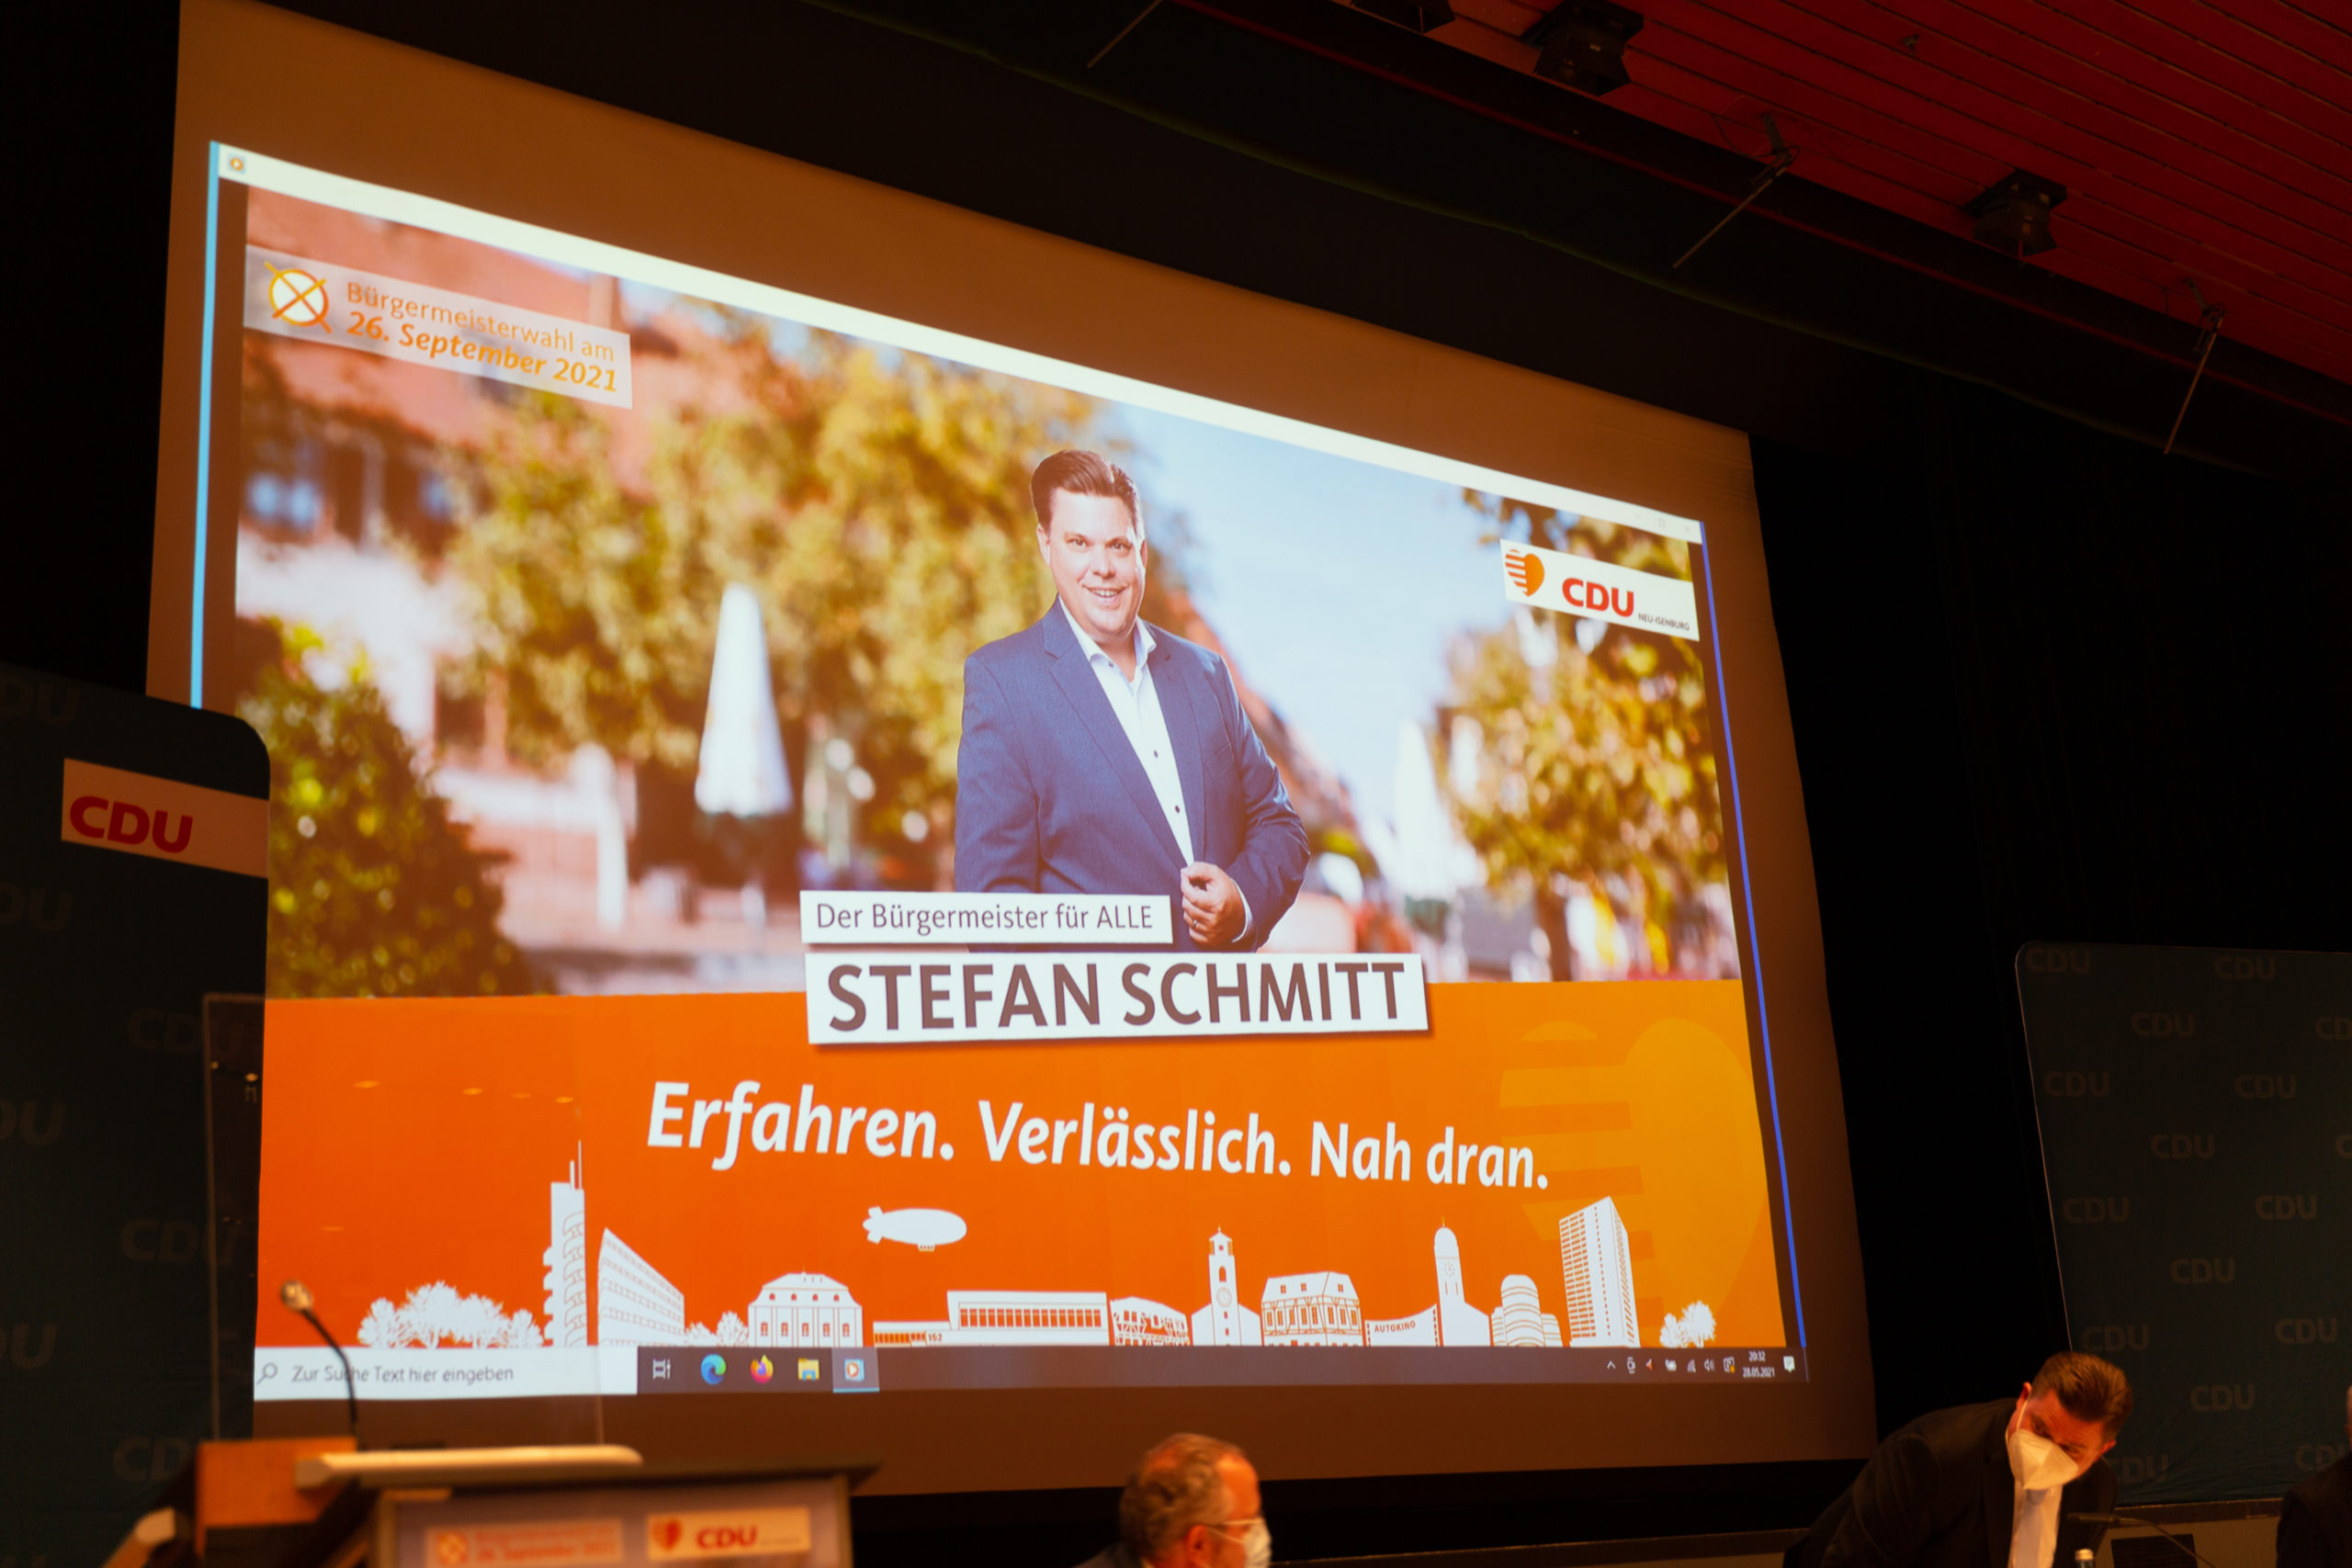 Stichwahl am 10.Oktober 2021 für die Wahlen zum Bürgermeister und Landrat